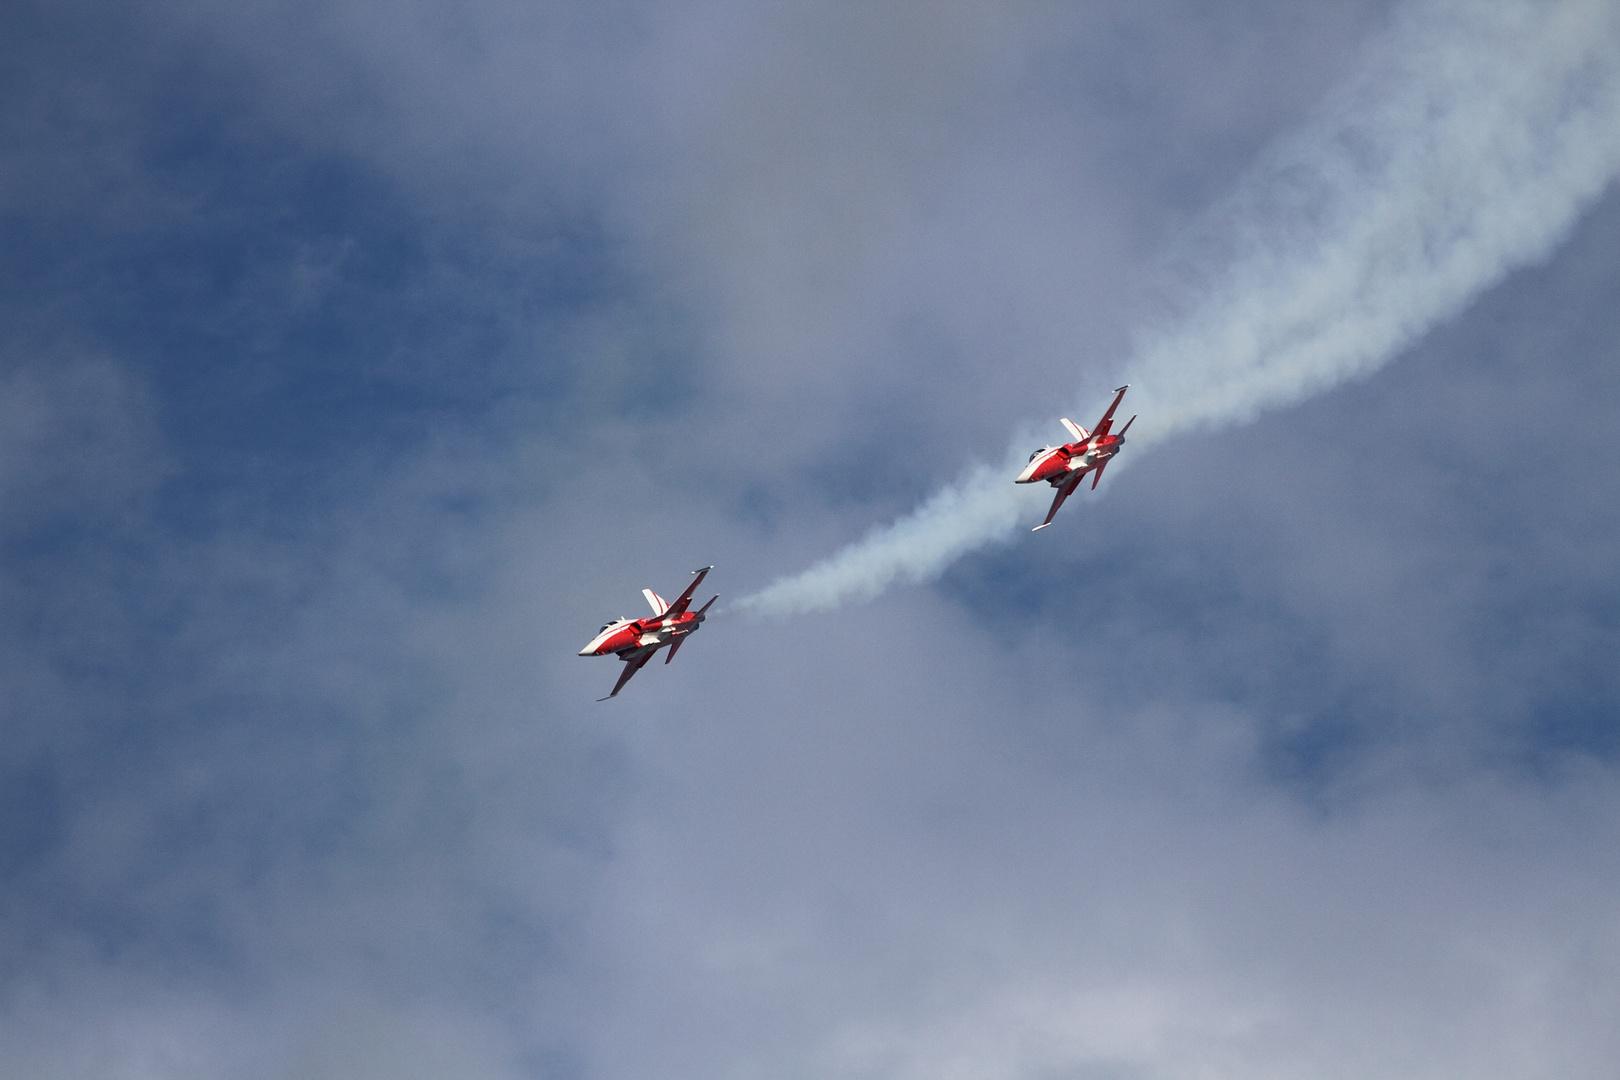 Patrouille Suisse Flugshow